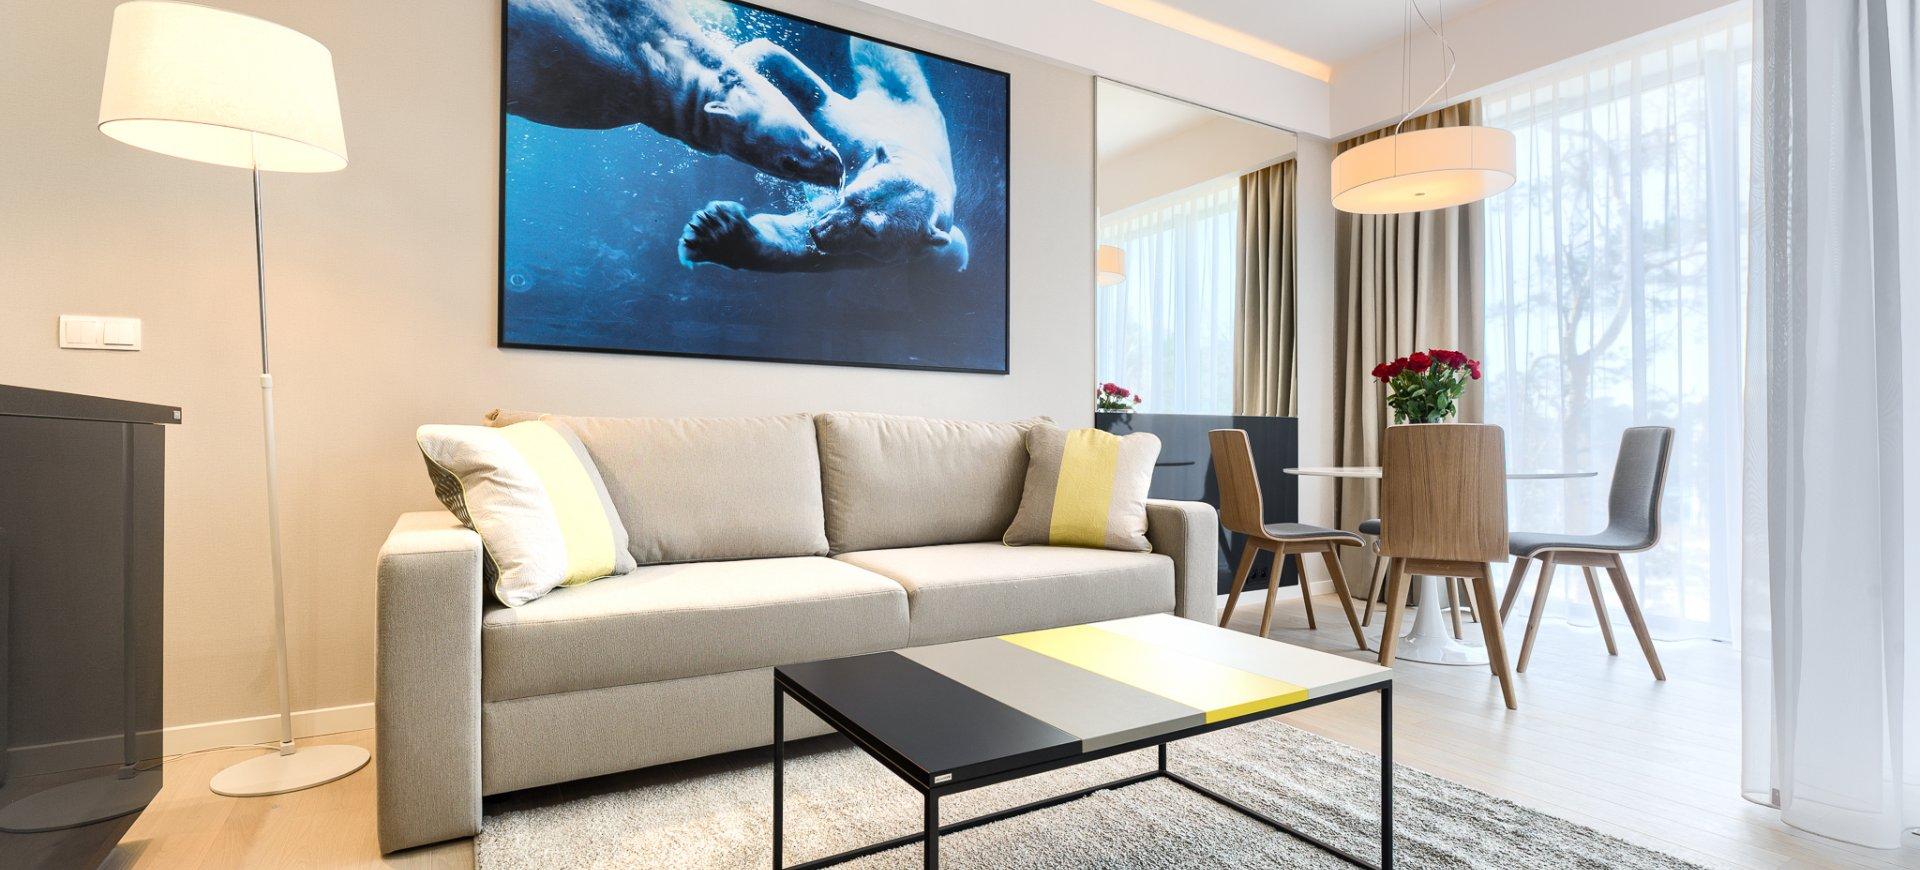 Apartament Deluxe z 1 sypialnią 3.14 C z bocznym widokiem na morze